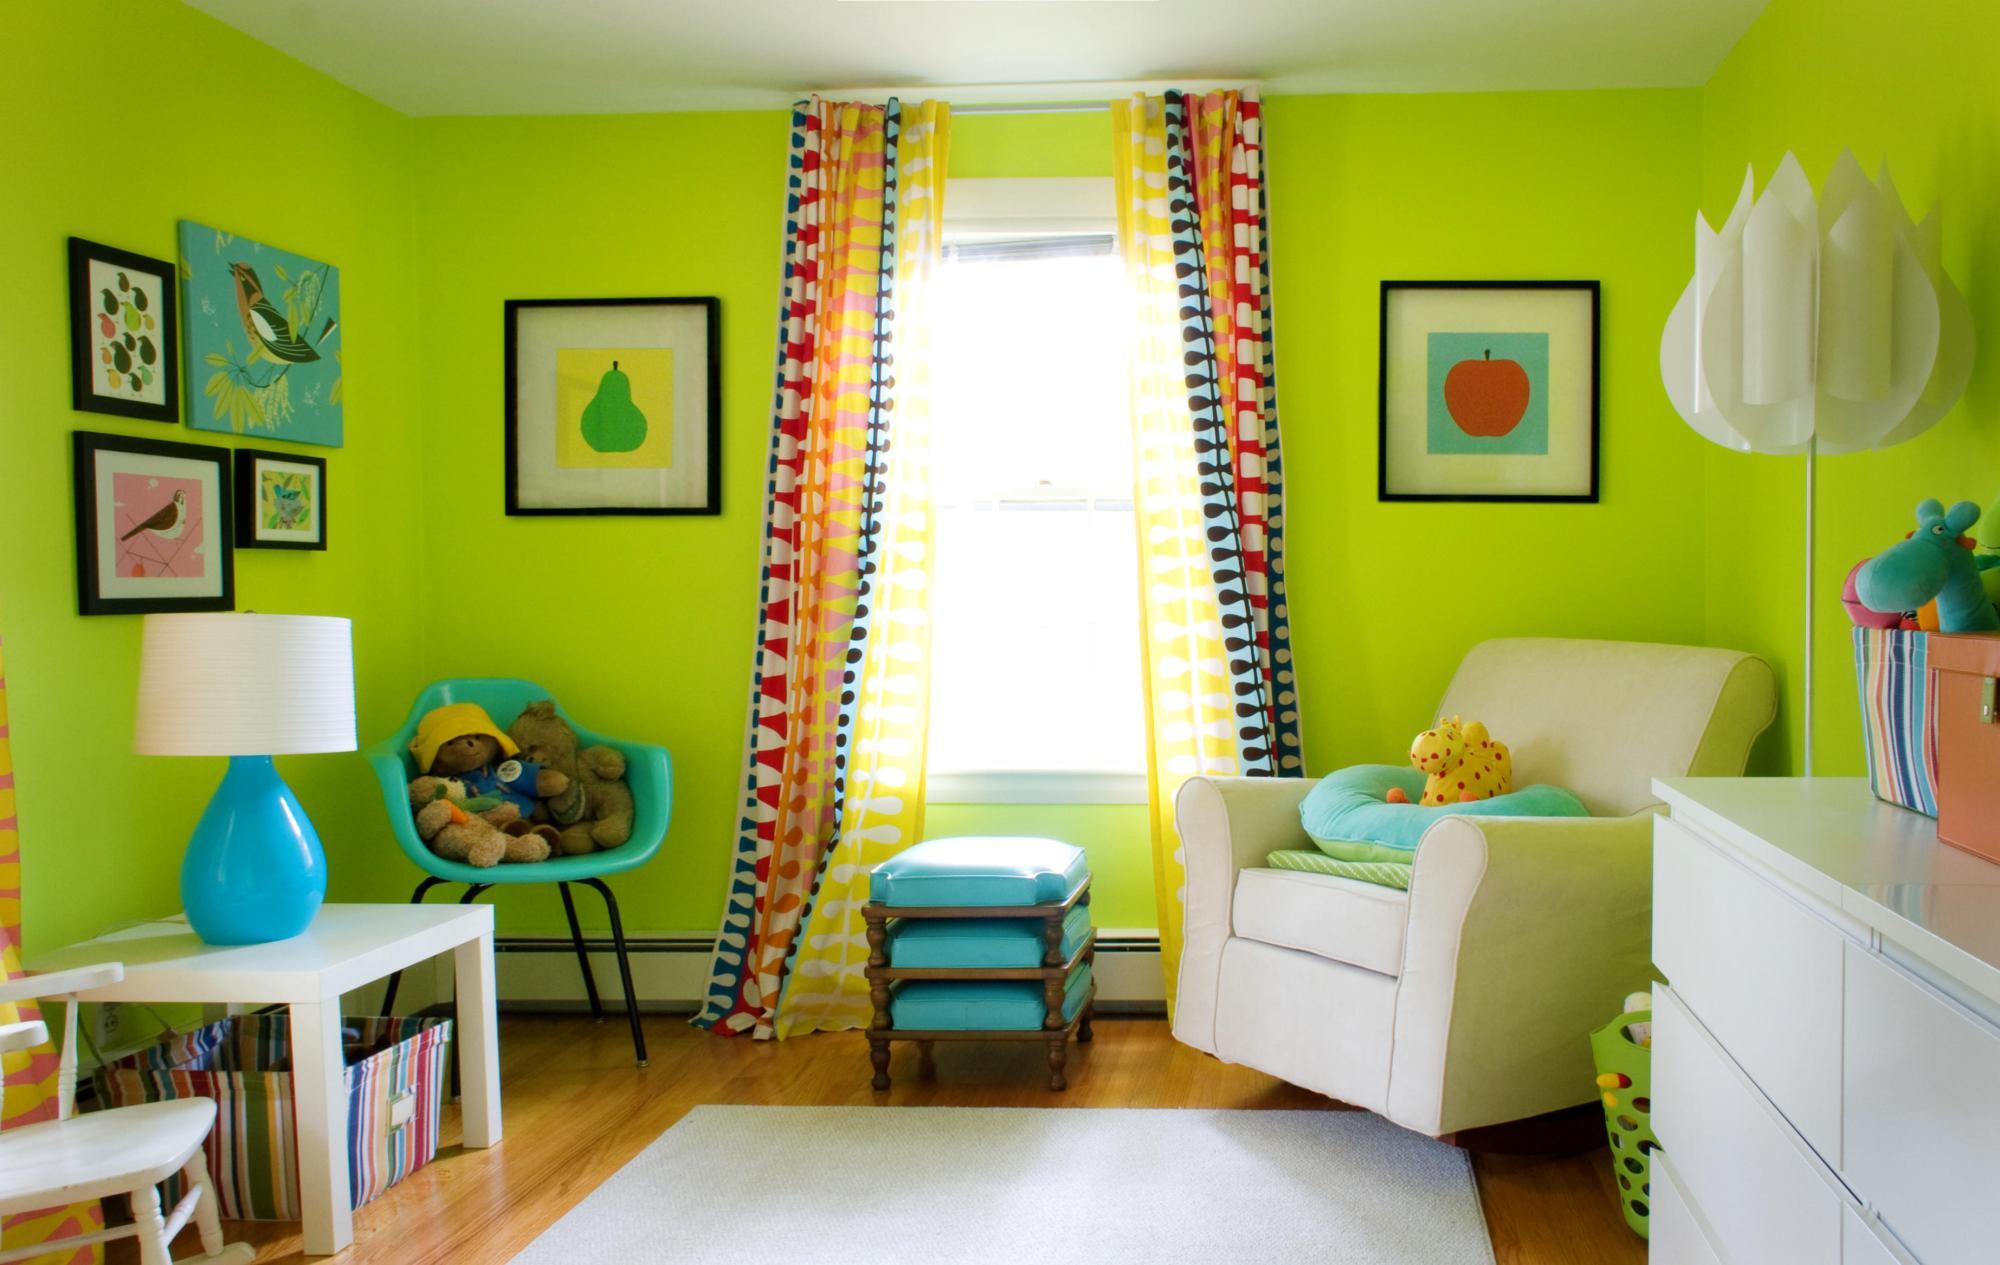 Yuk, Intip 5 Pilihan Cat Rumah Cantik Kekinian Ini!